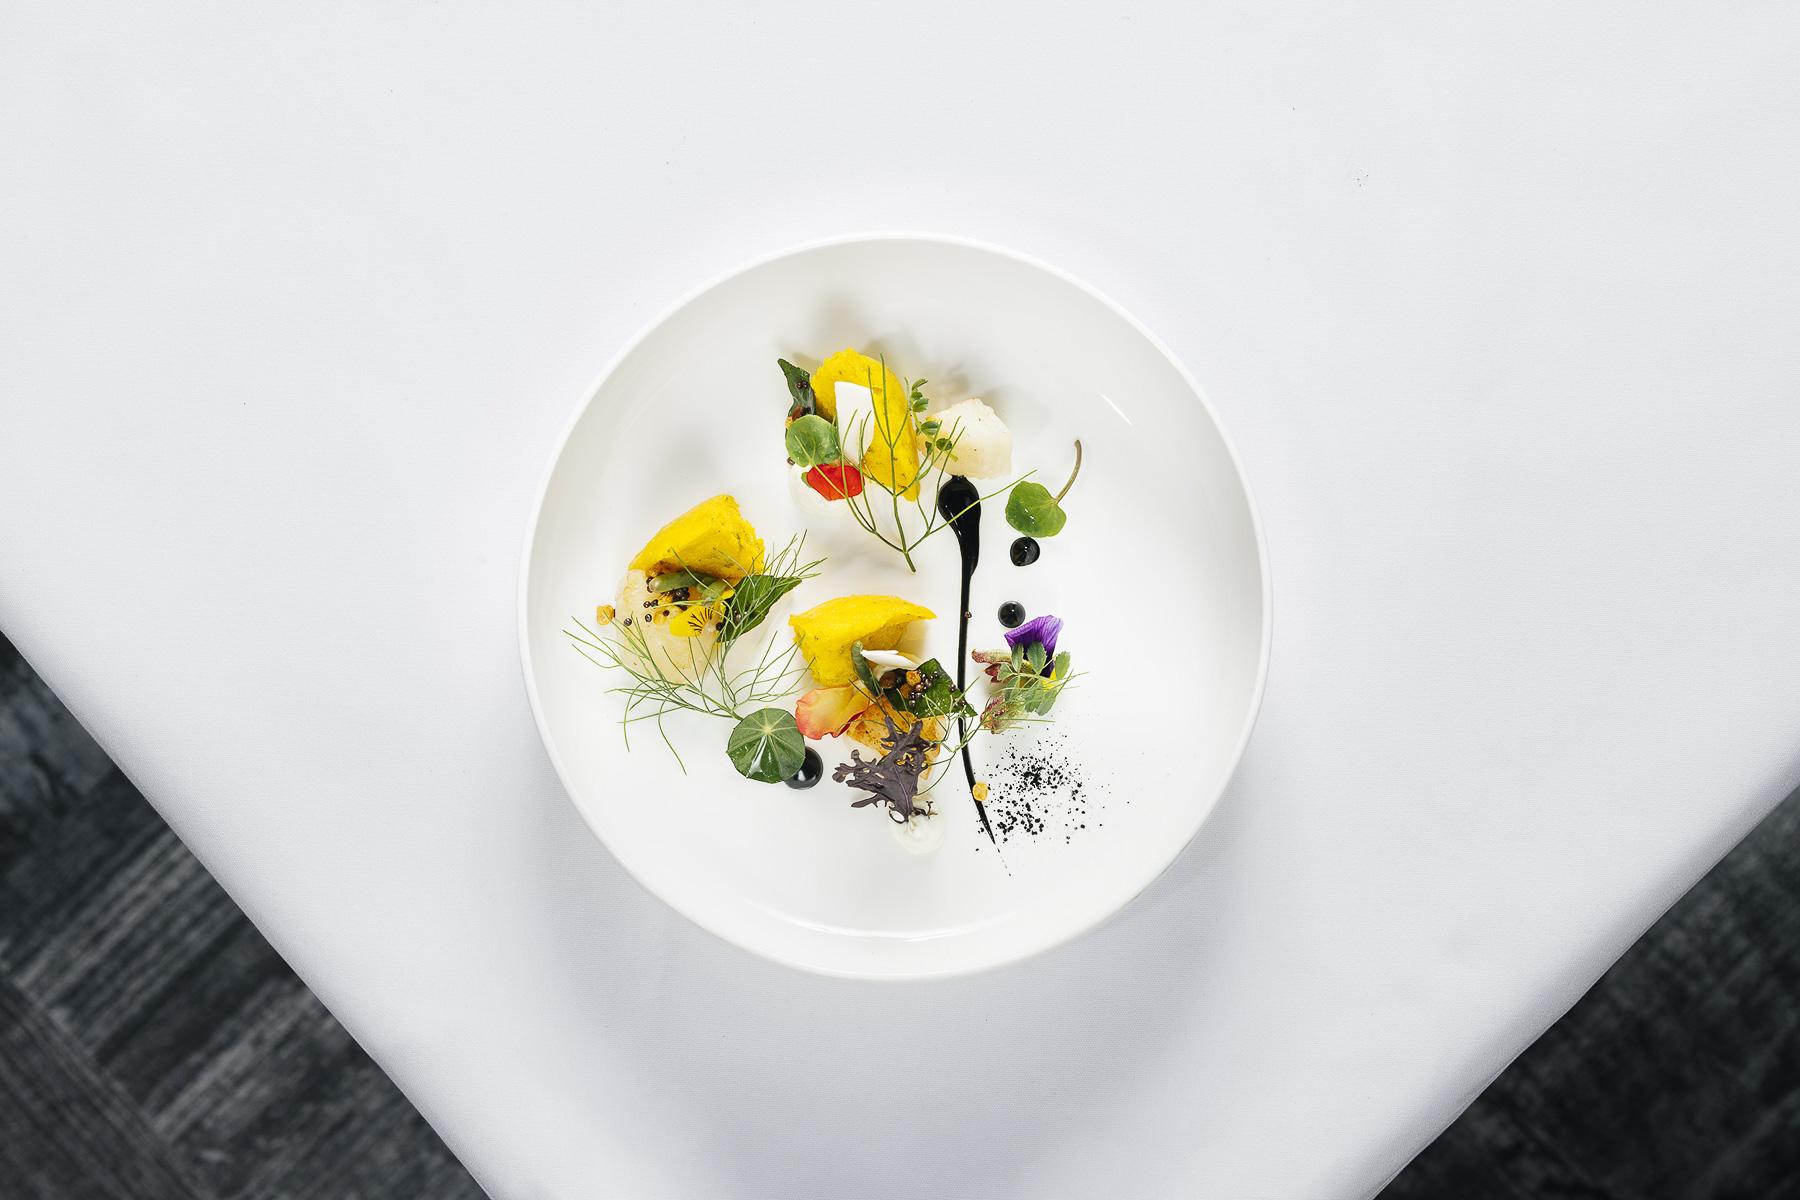 Food_28.jpg